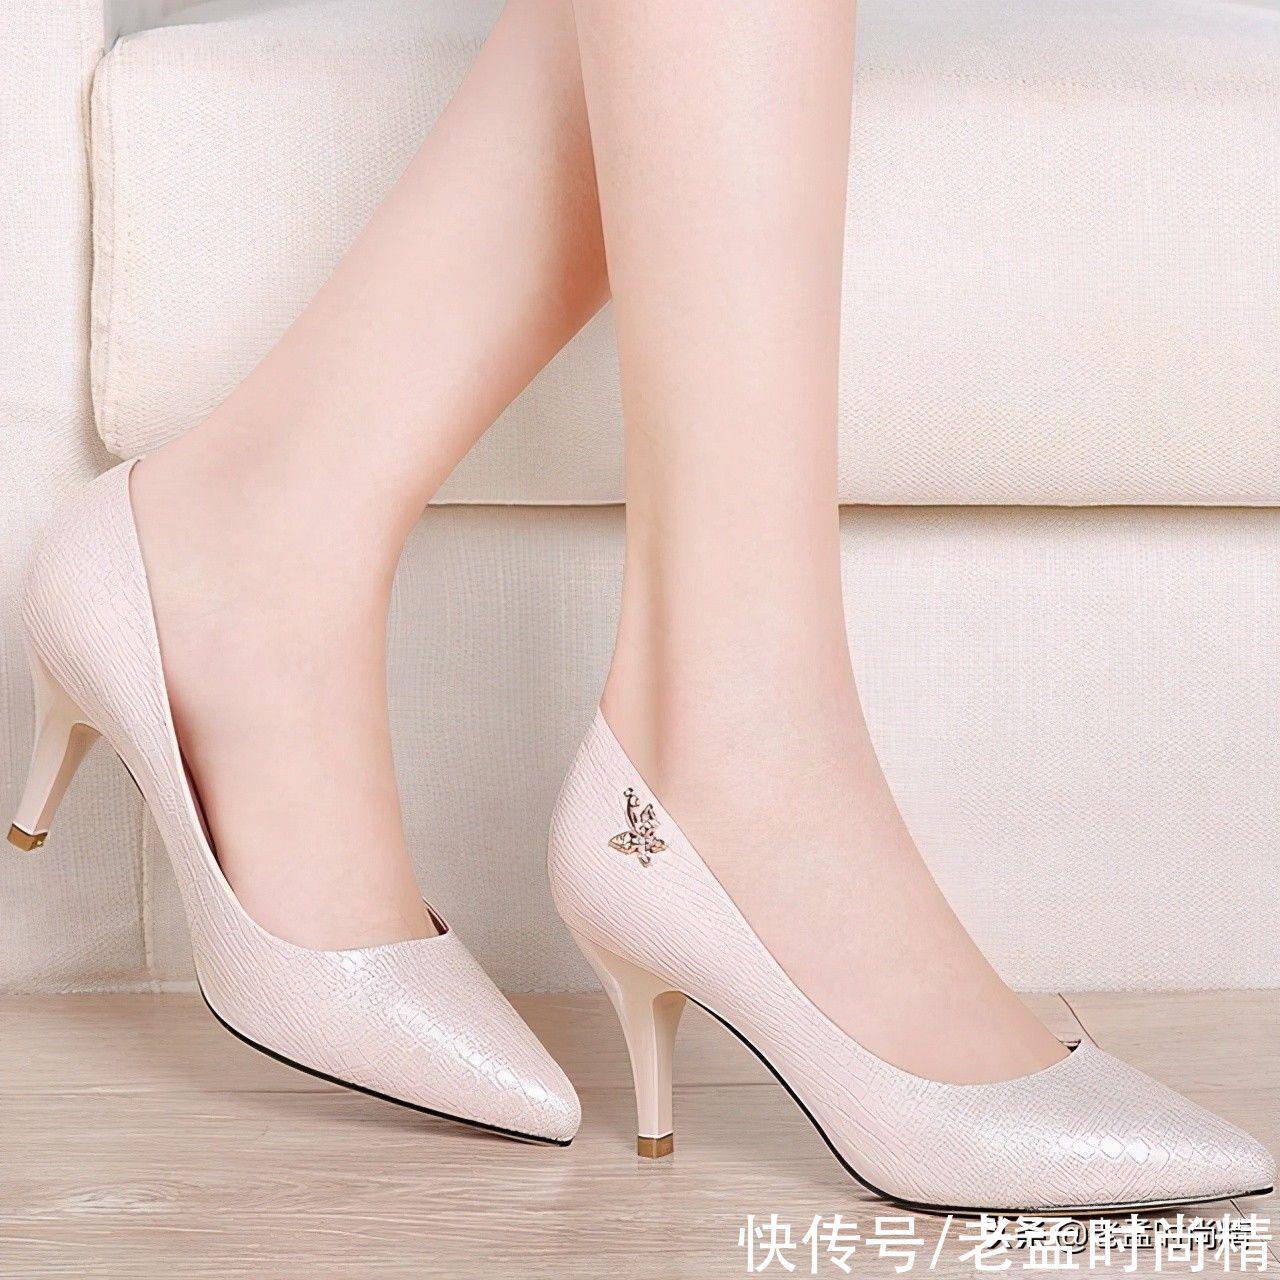 女神夏日必備高跟鞋,讓你性感加倍,美麗加分,魅力綻放